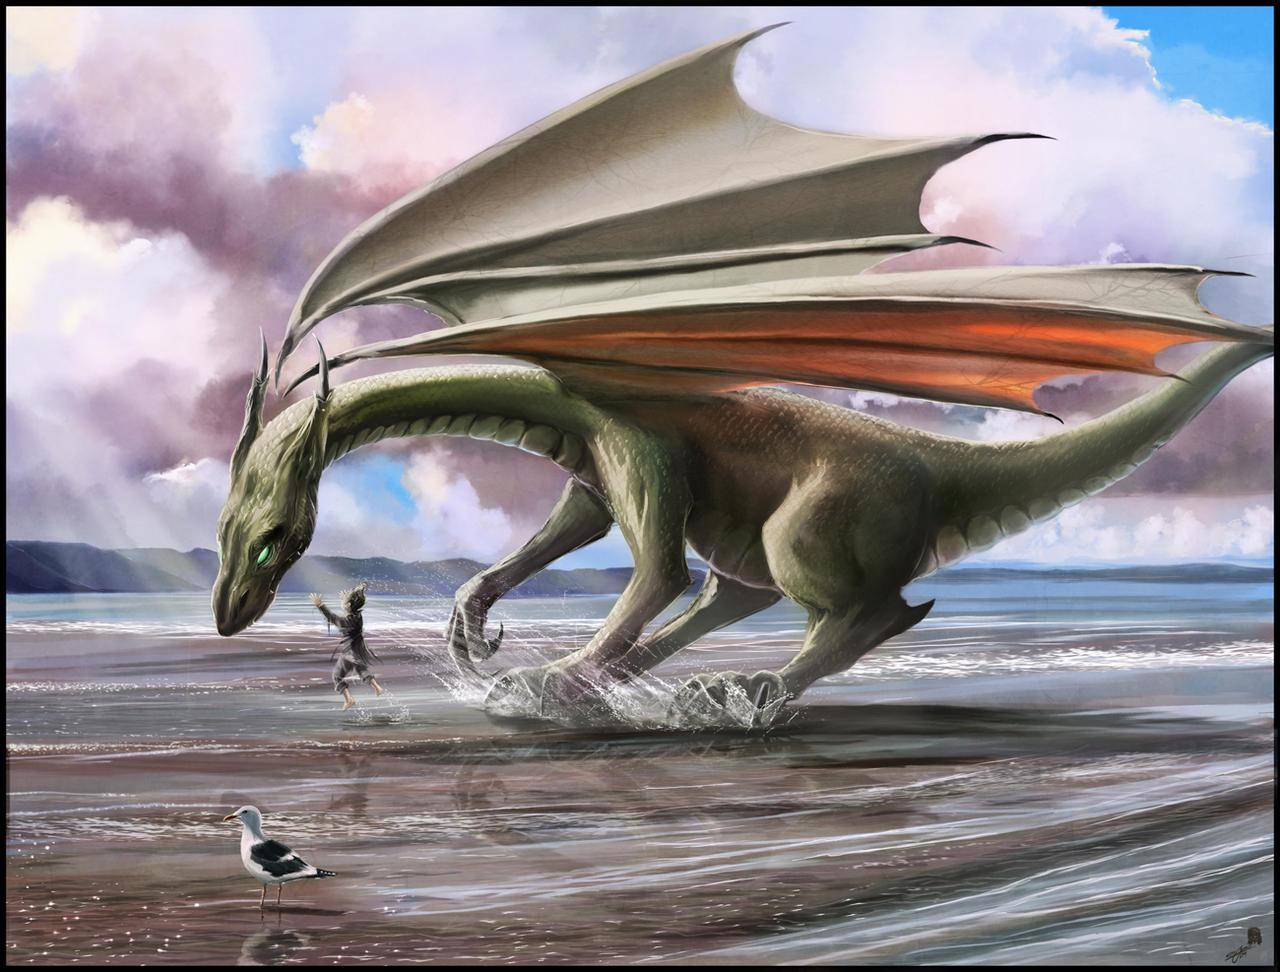 The Splashing Dragon